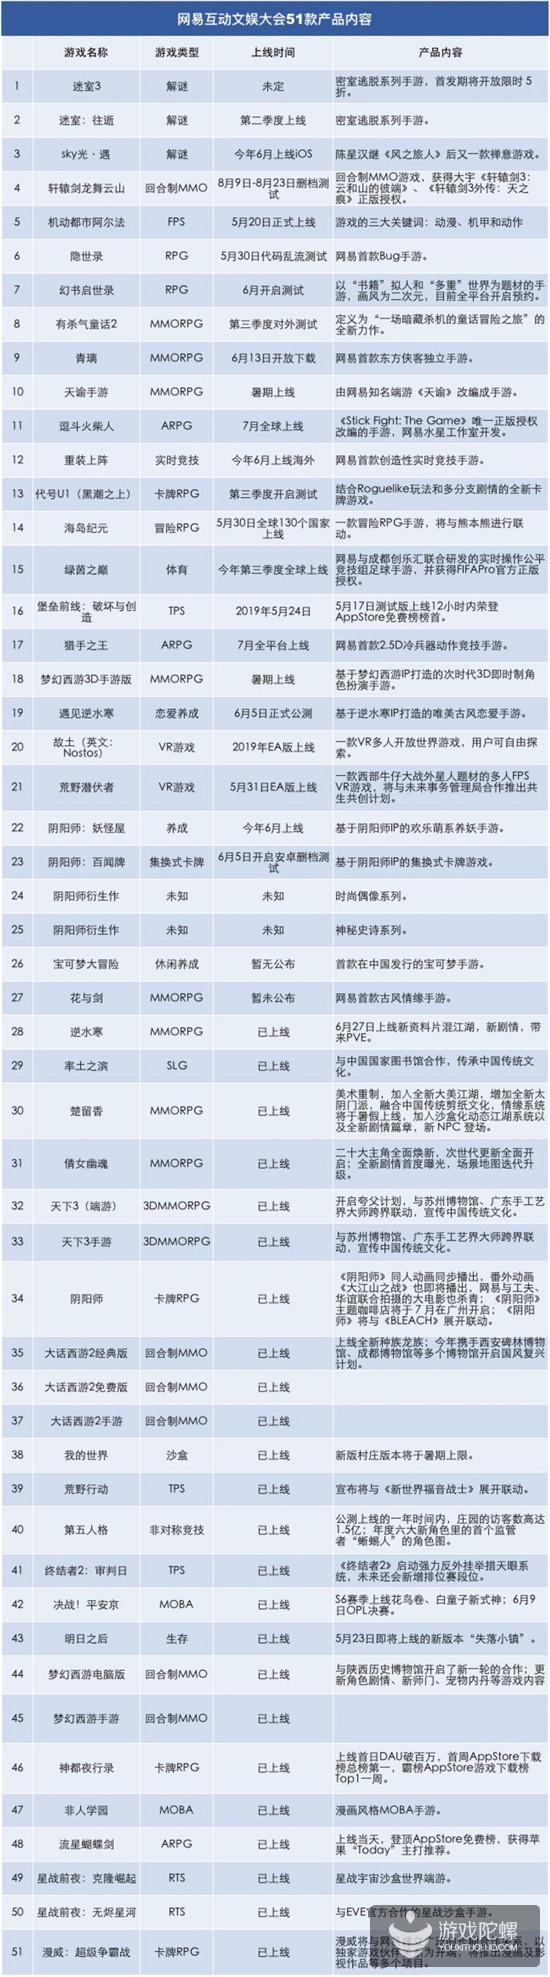 丁磊站台,网易互动文娱一口气公布50余款游戏动态